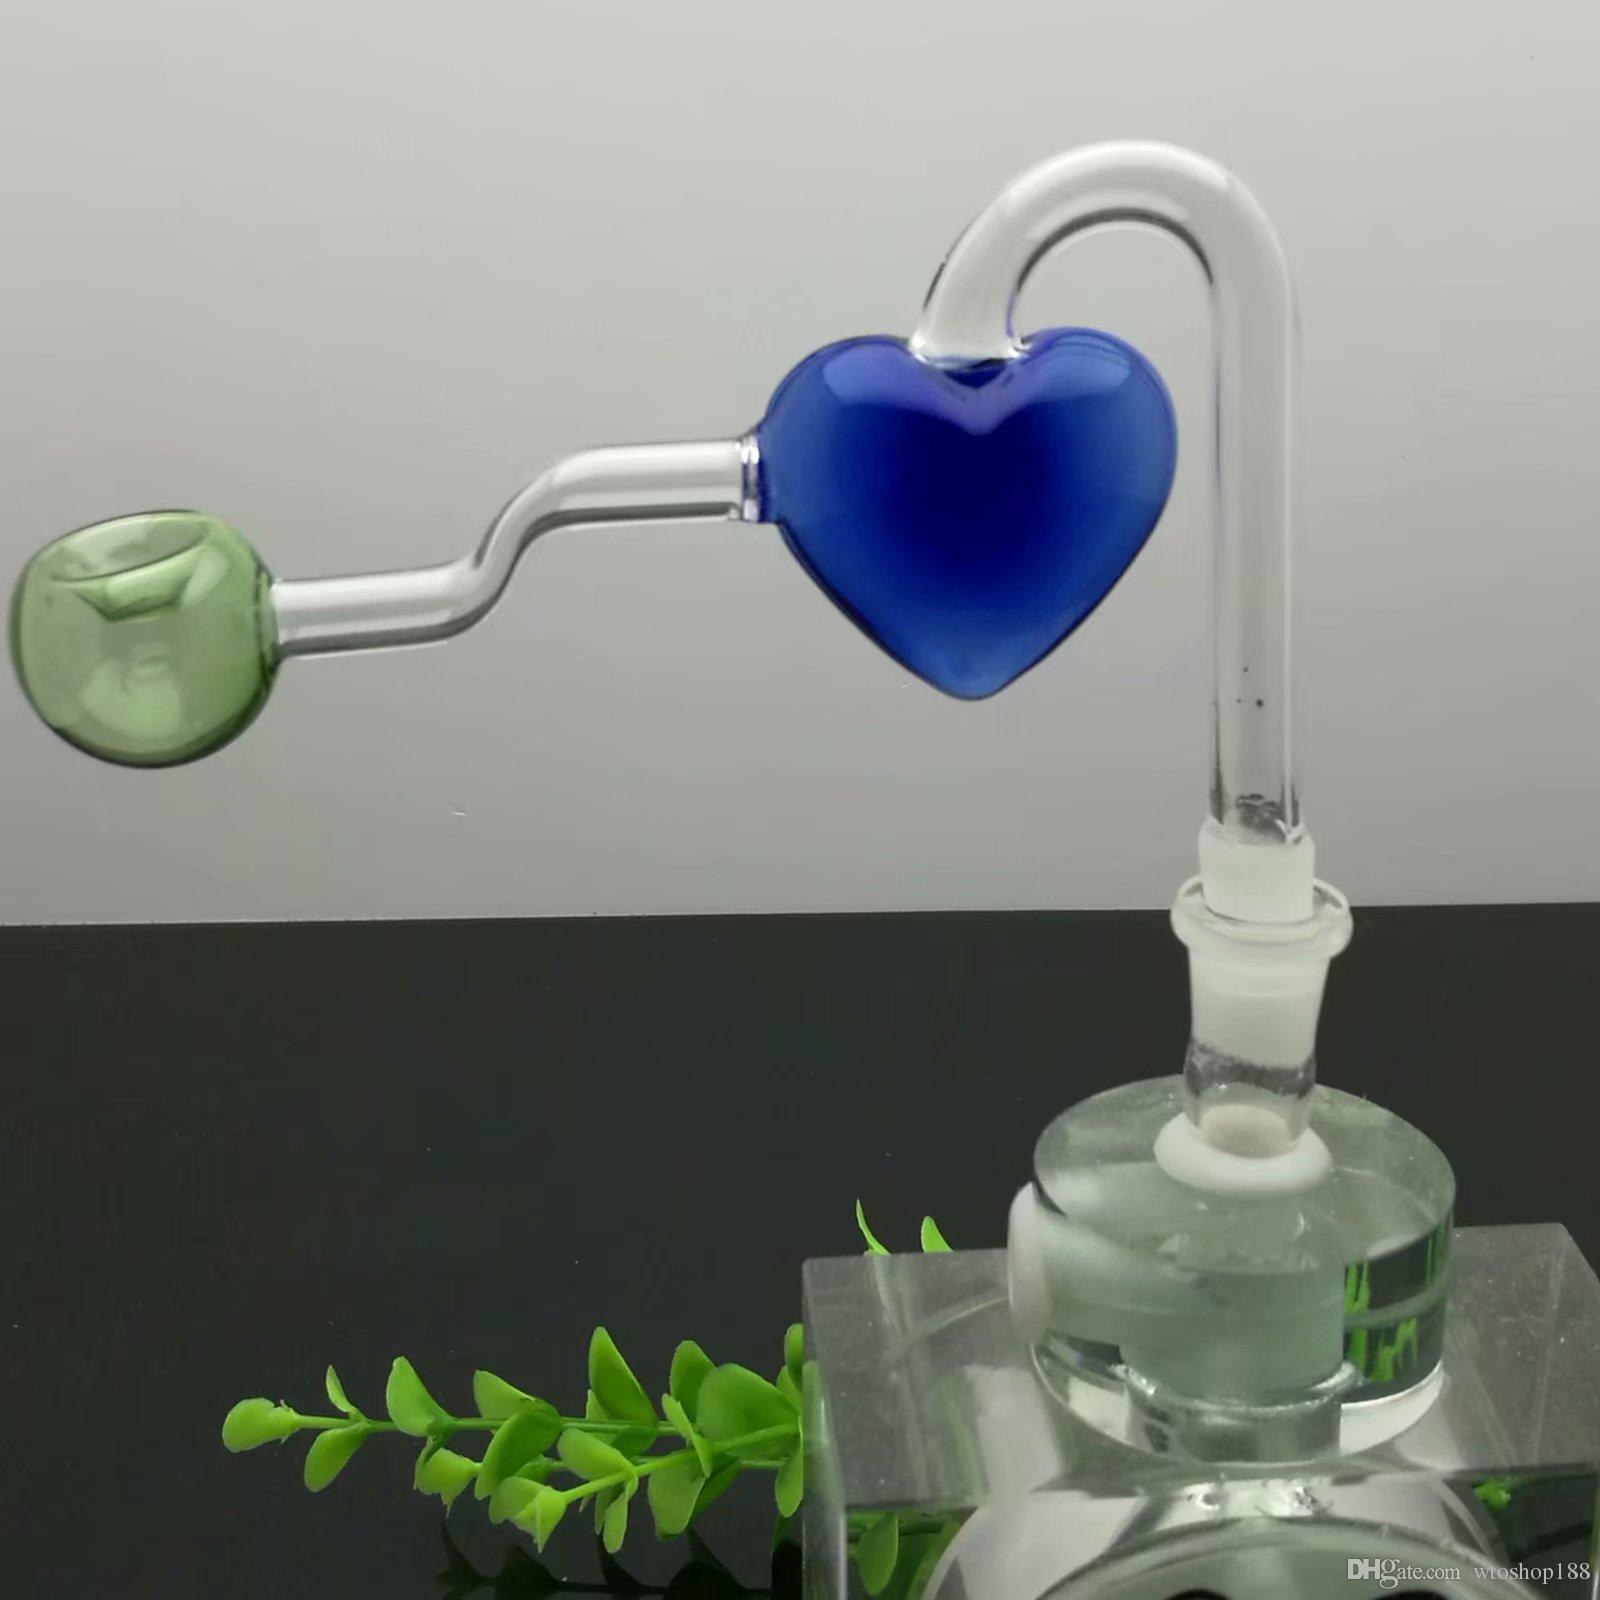 pot pêchers de verre de coeur de couleur pipes verre Bangs verre Bubblers For Smoking Couleurs tuyau Mix